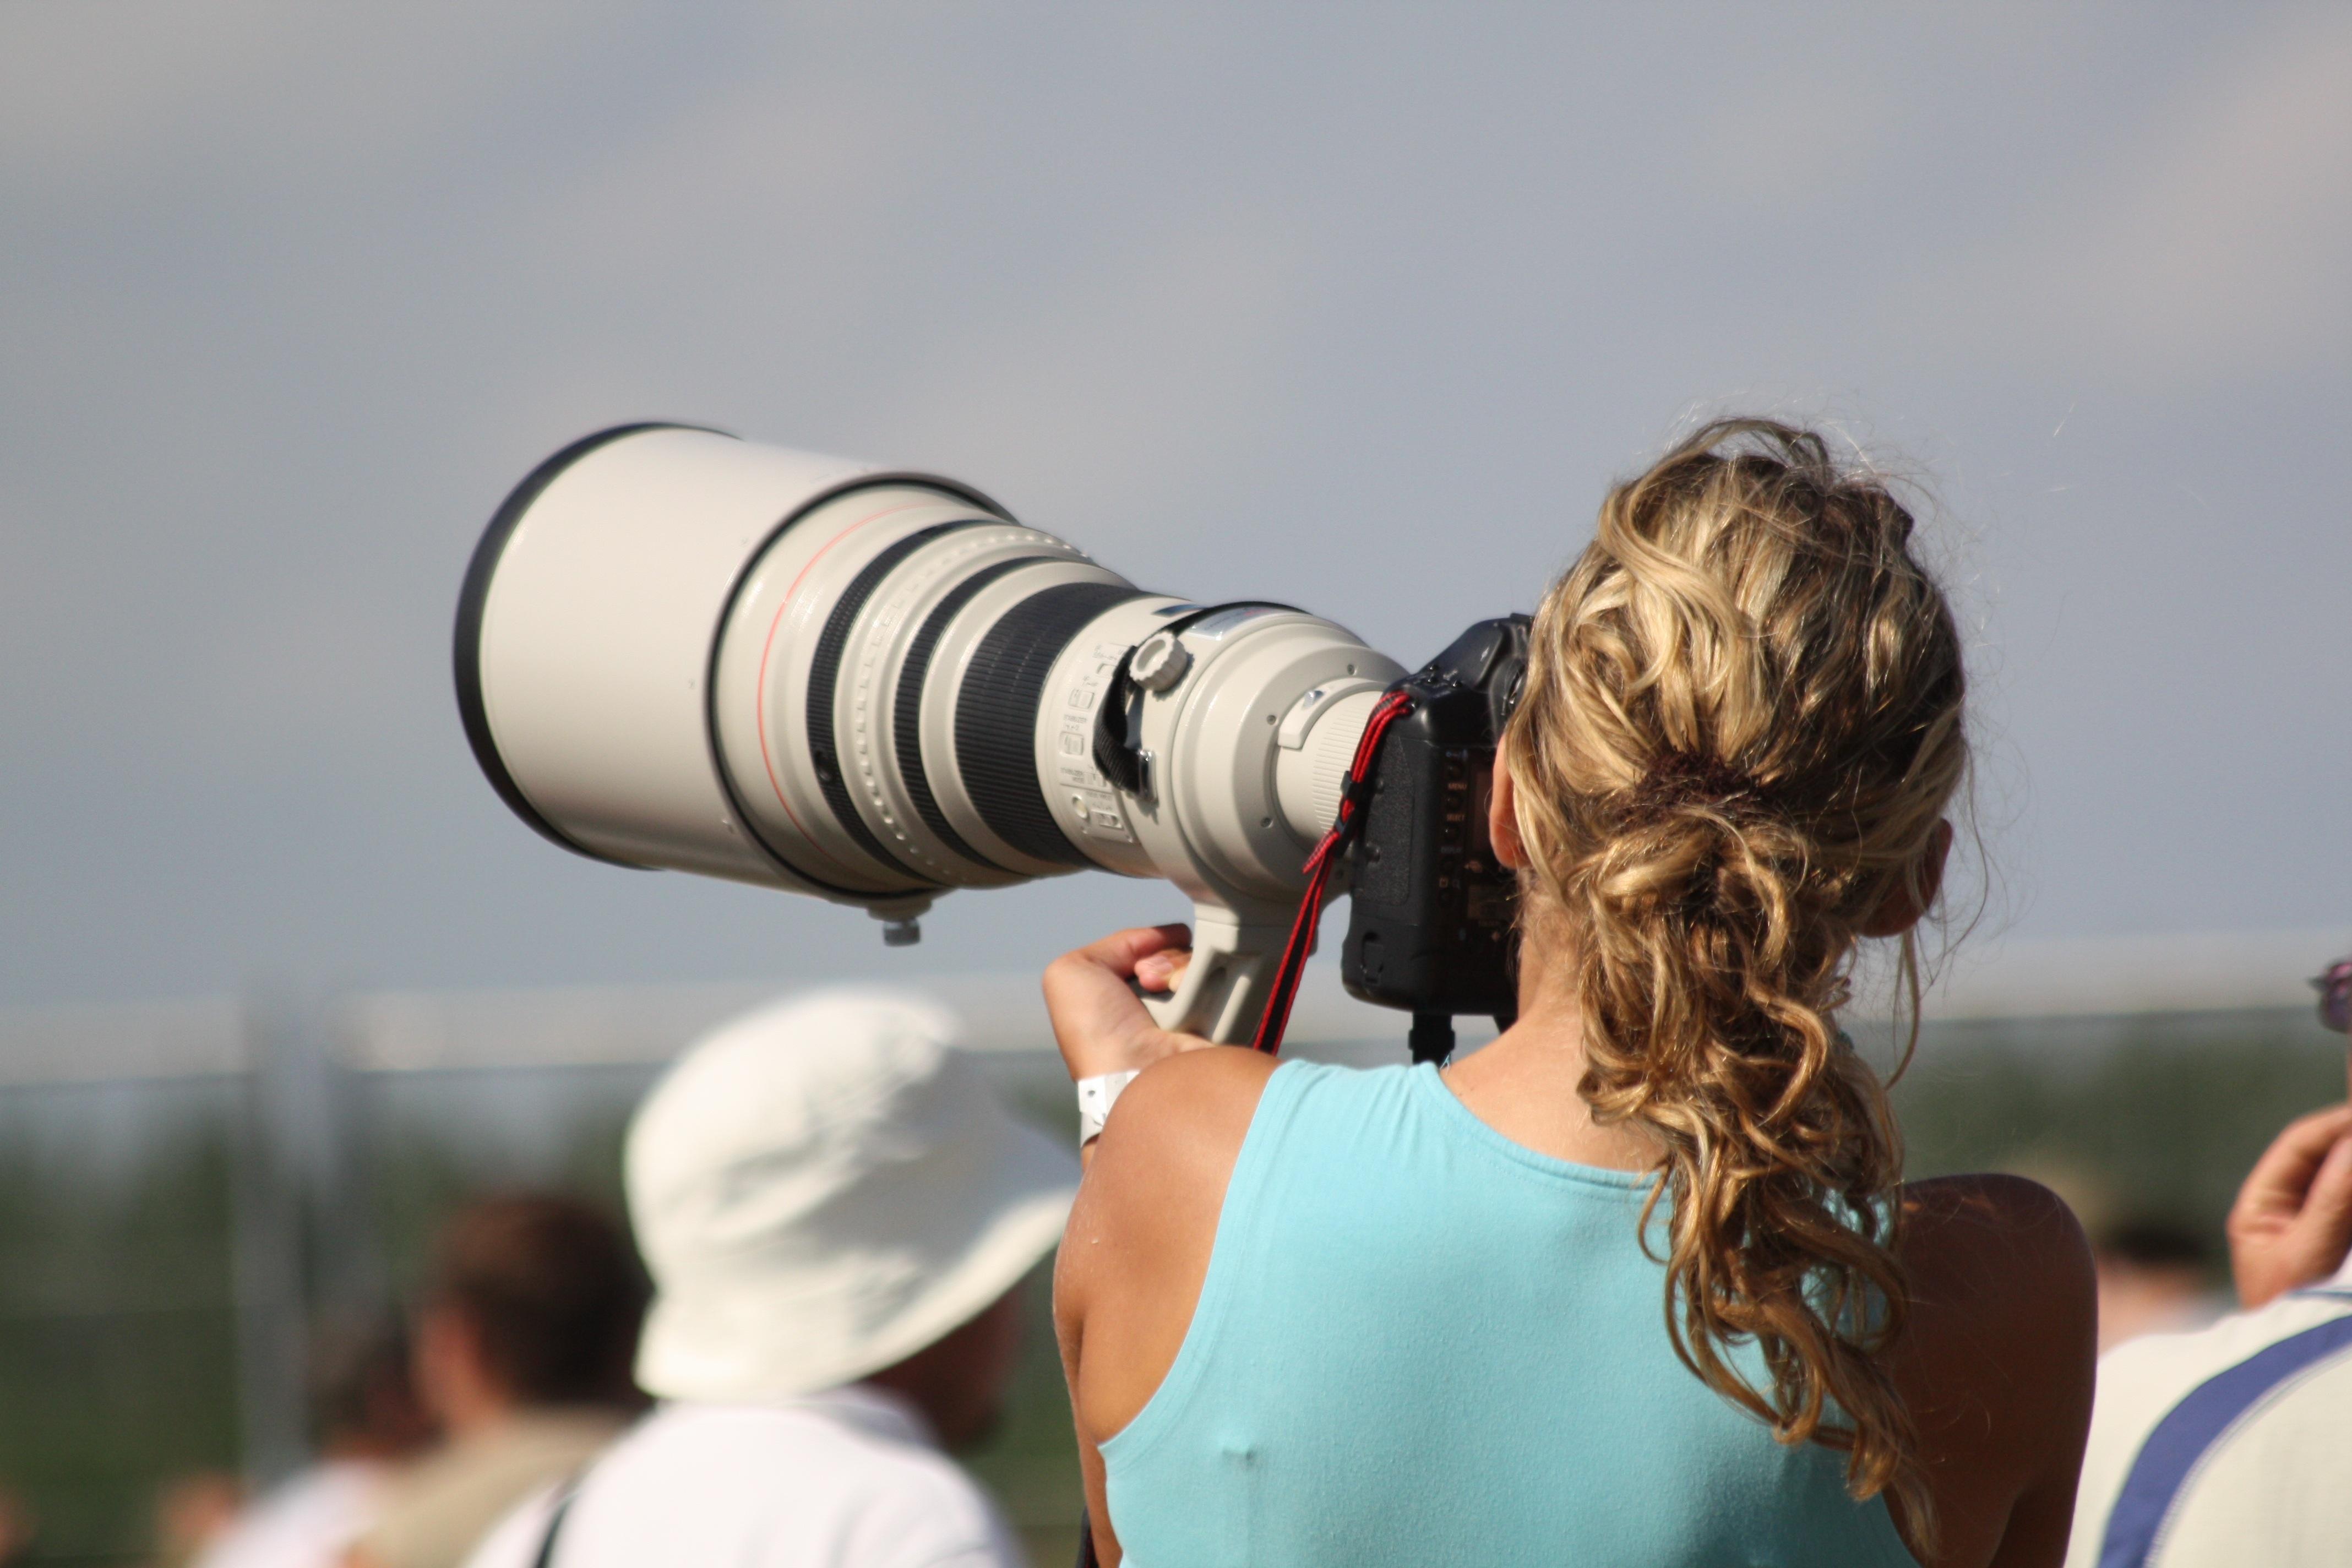 используются на какие объективы снимают свадебные фотографы комбинацию игроки